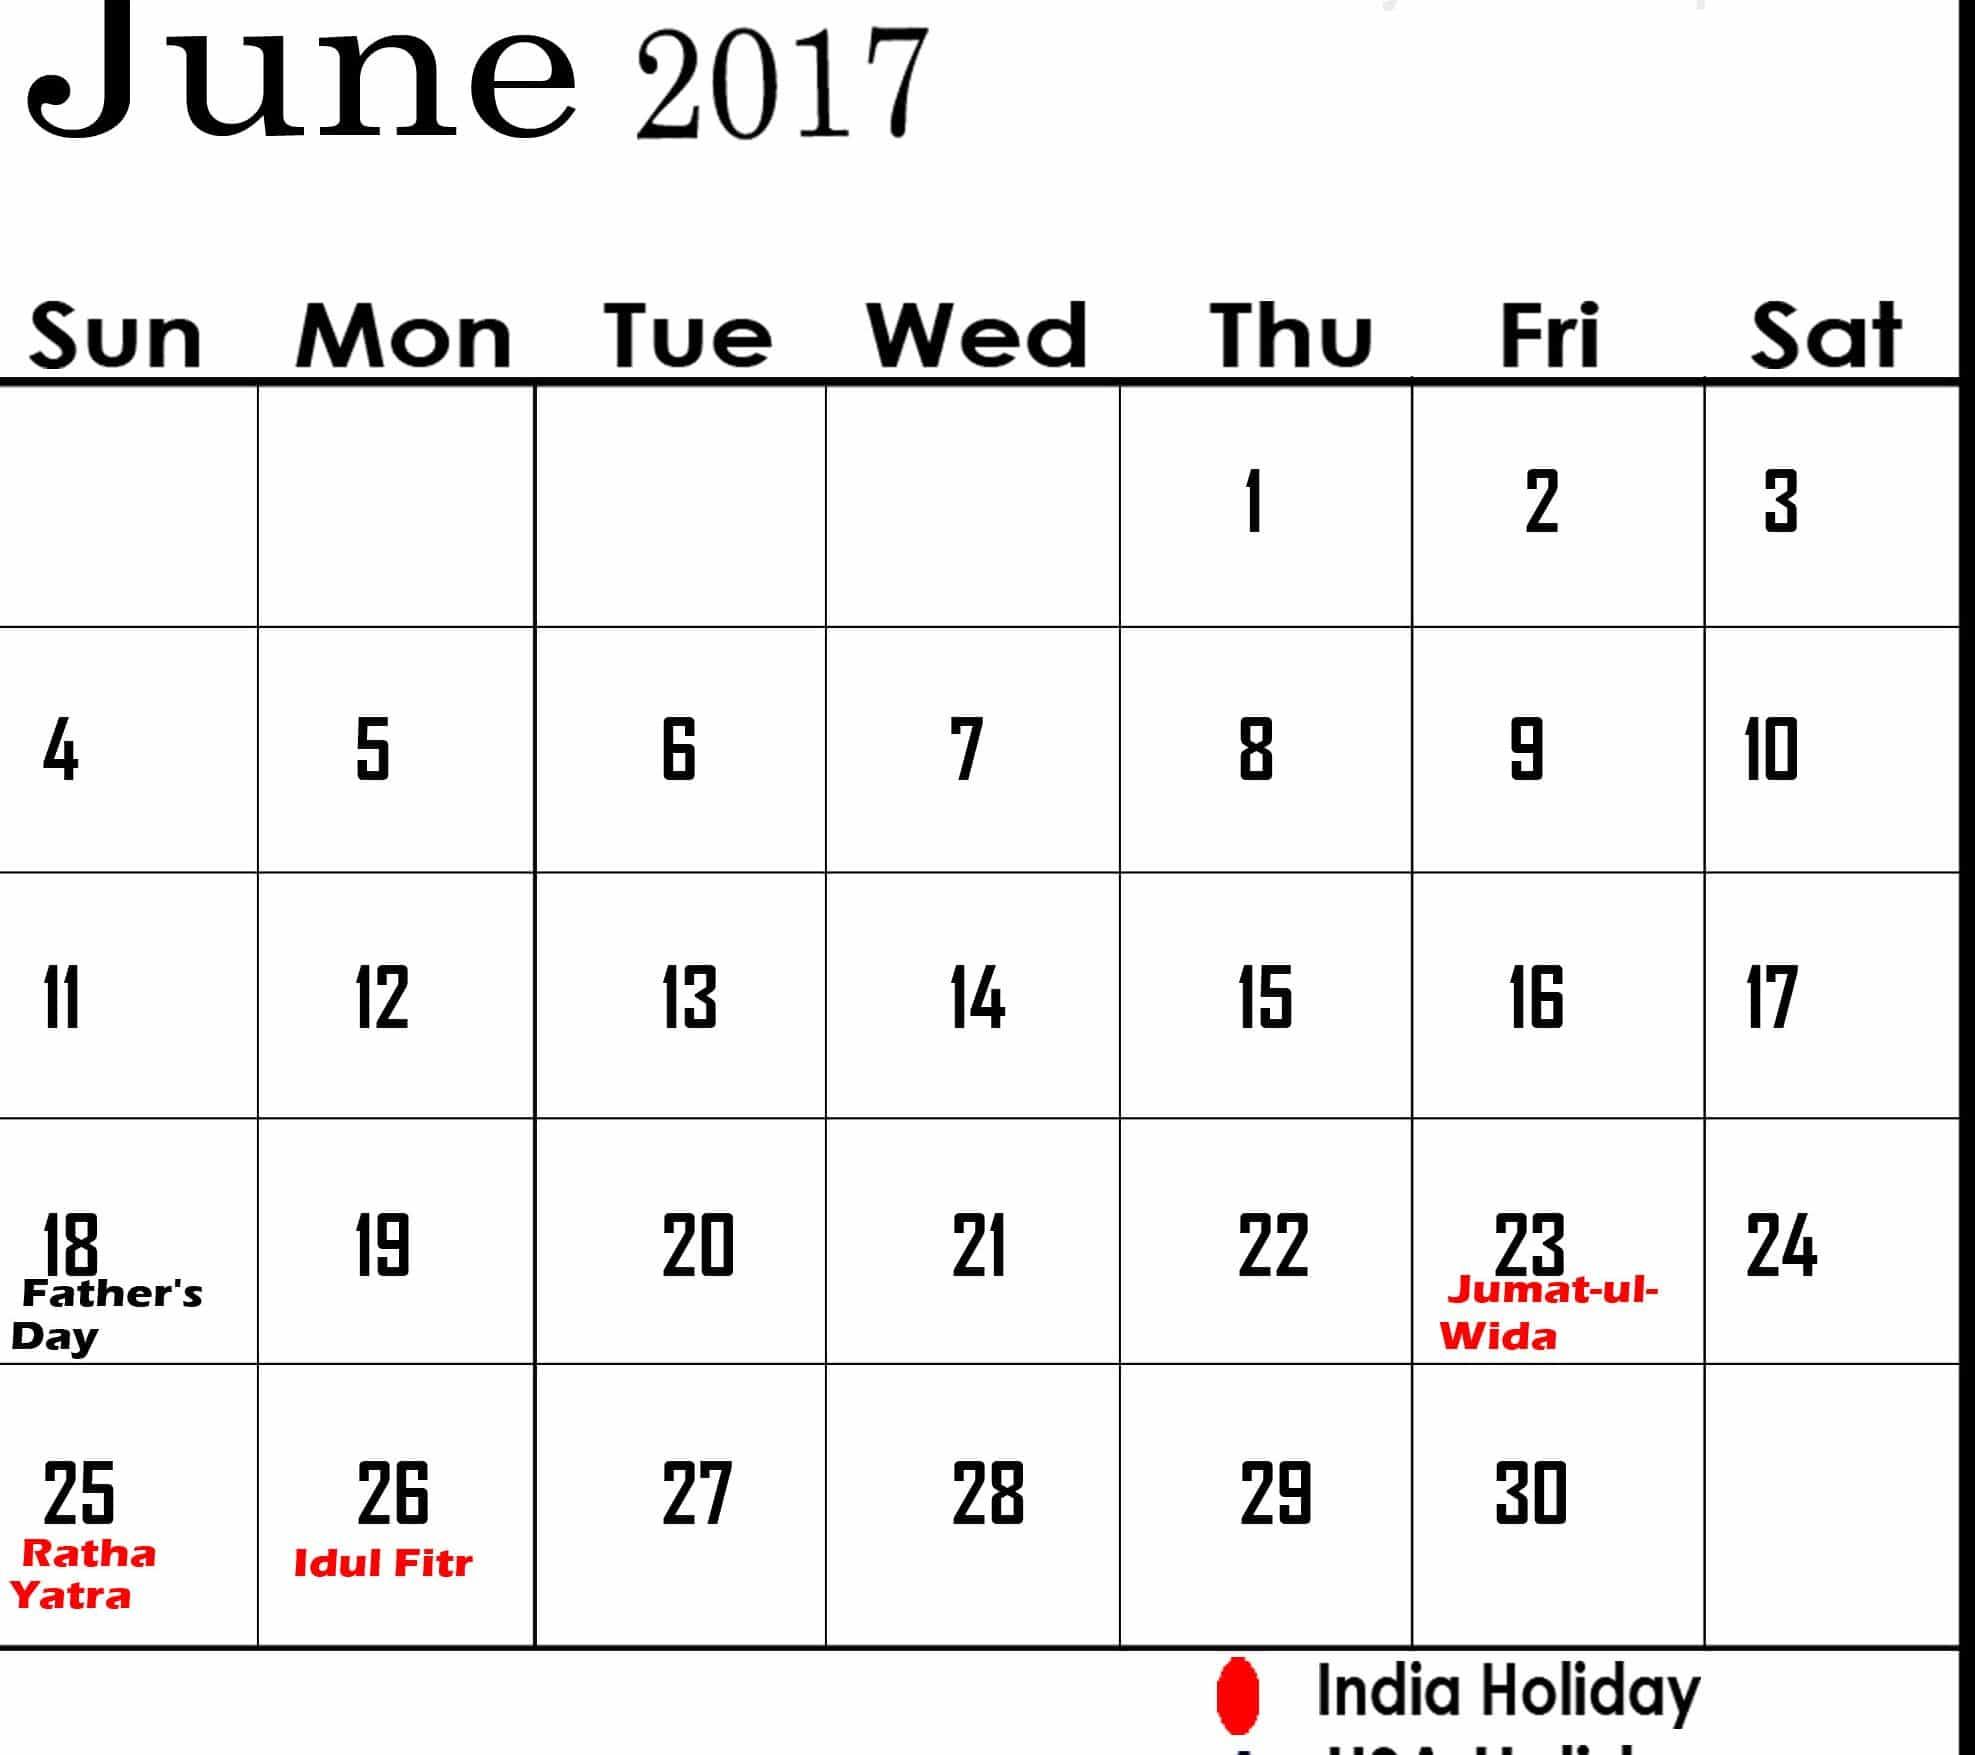 June 2017 calendar Online